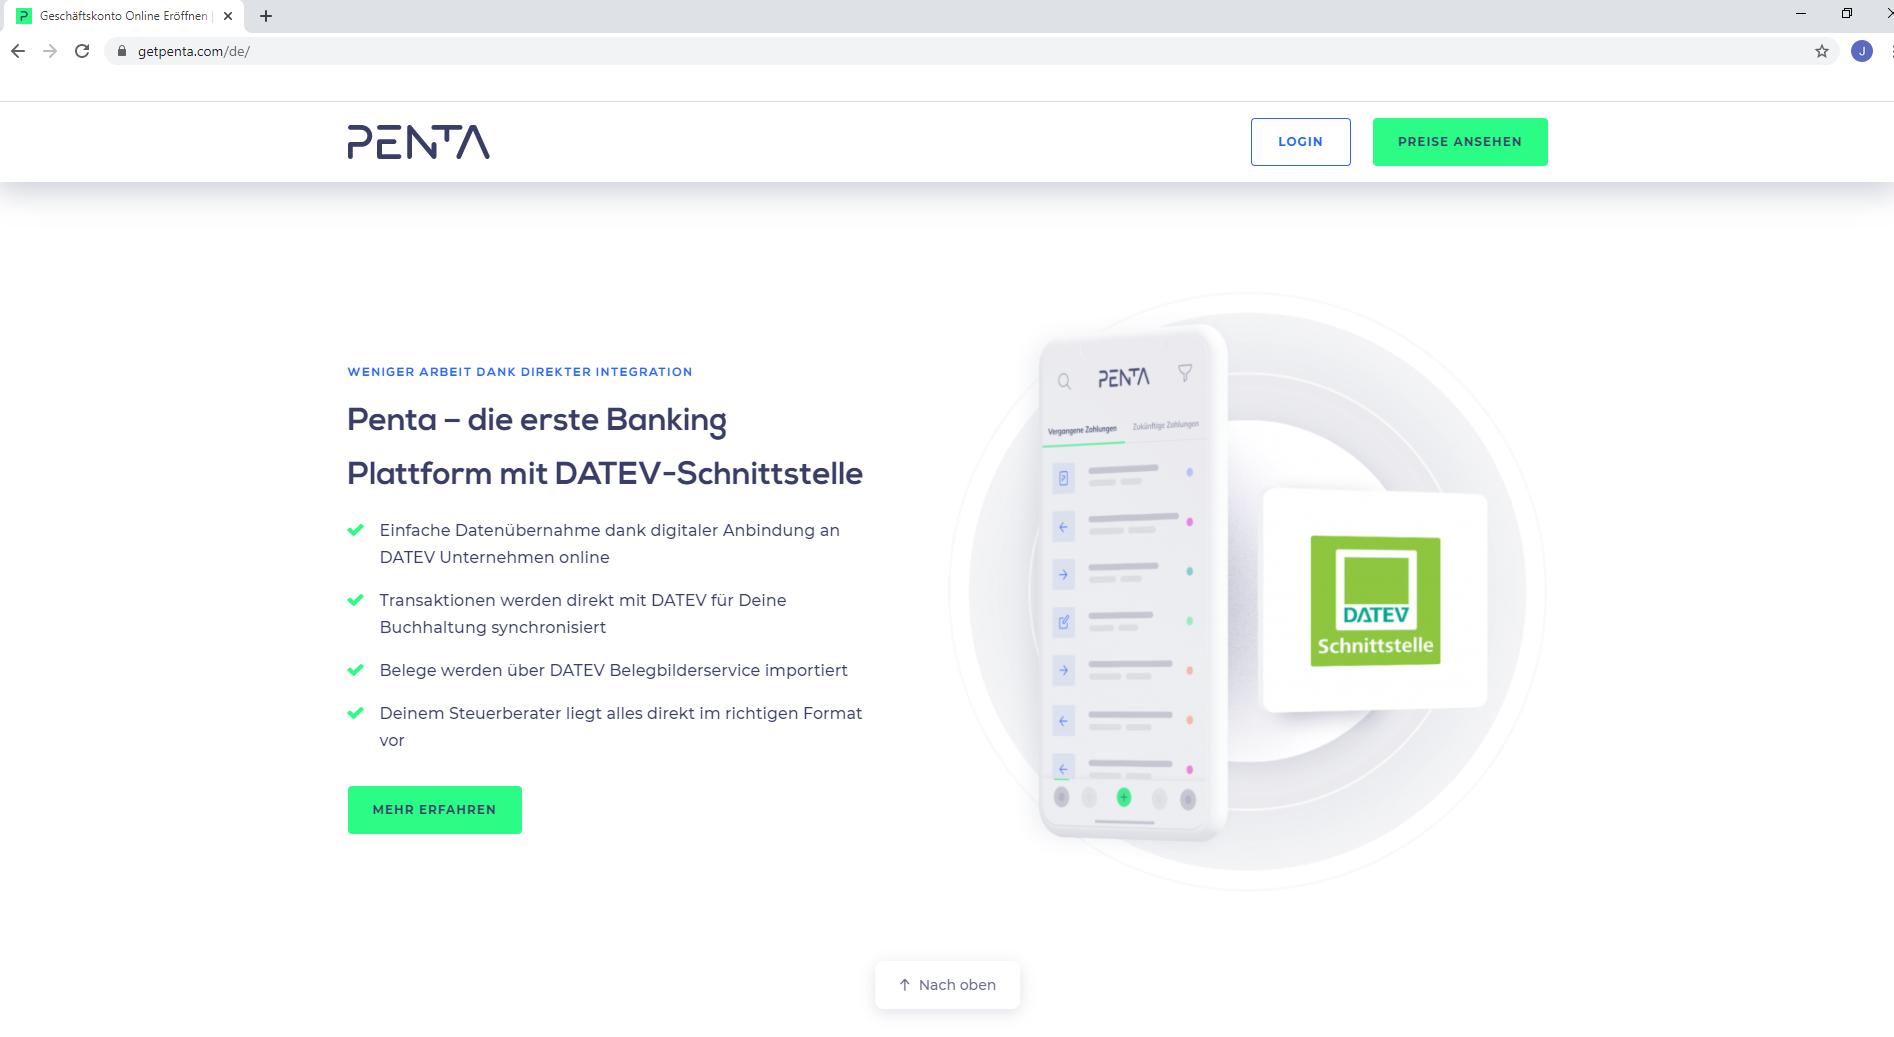 FinTech Penta Datev Schnittstelle